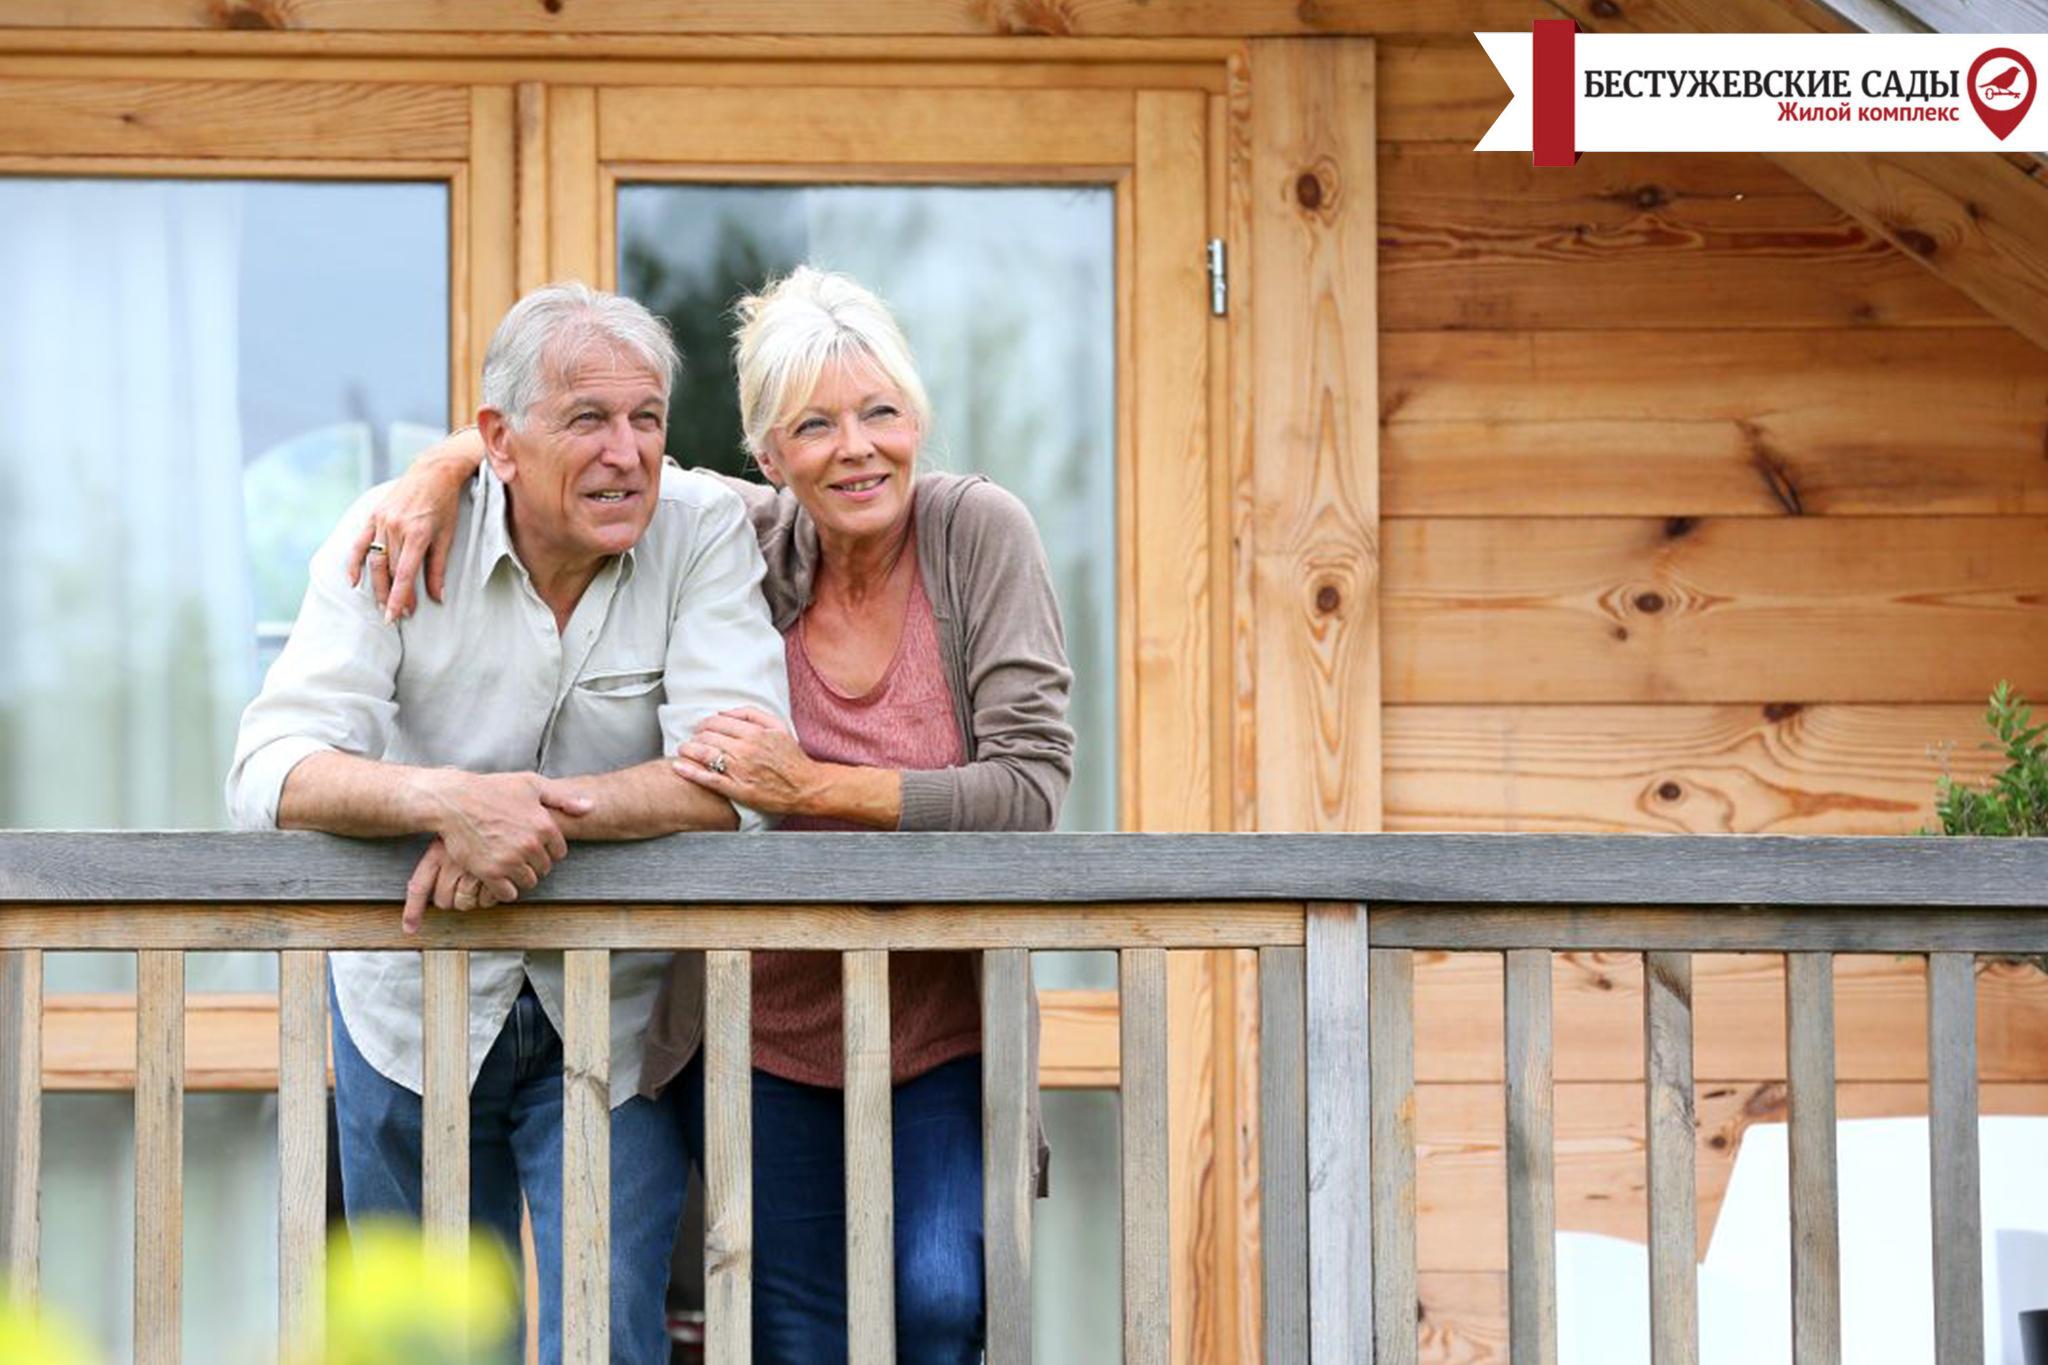 Чи можуть вкладення в нерухомість забезпечити безбідну старість